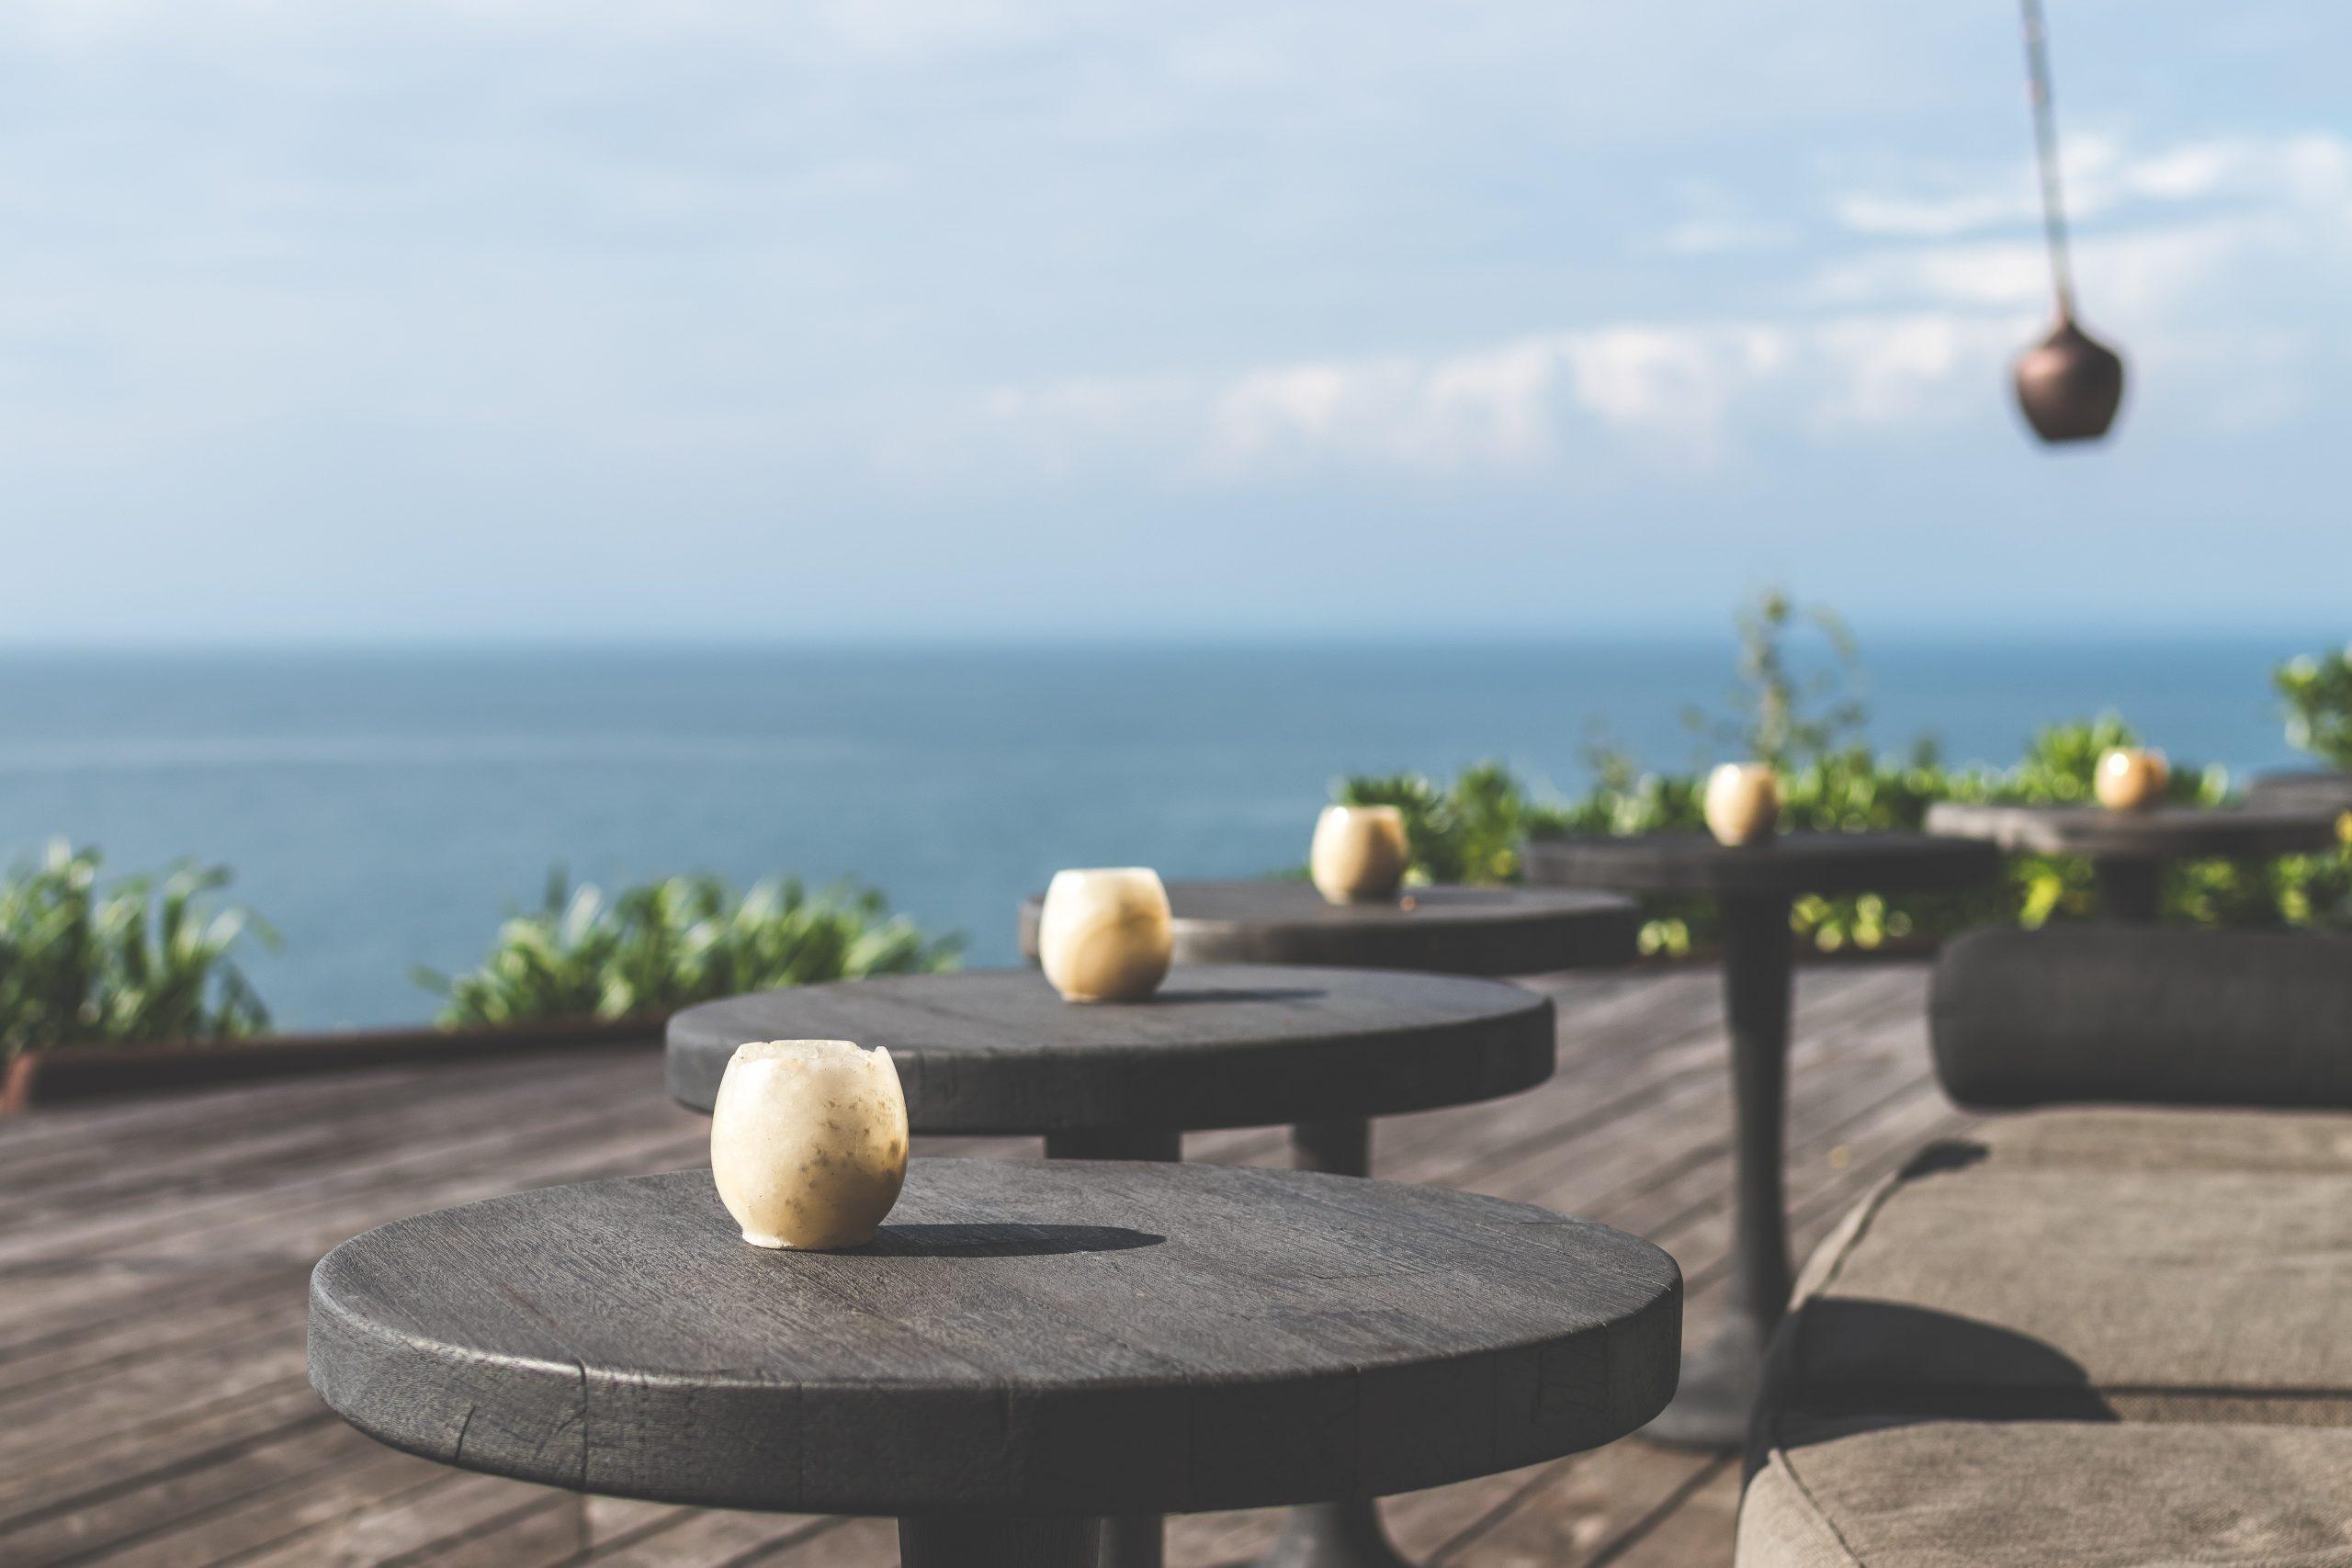 Le meilleure composant pour une terrasse en bois.